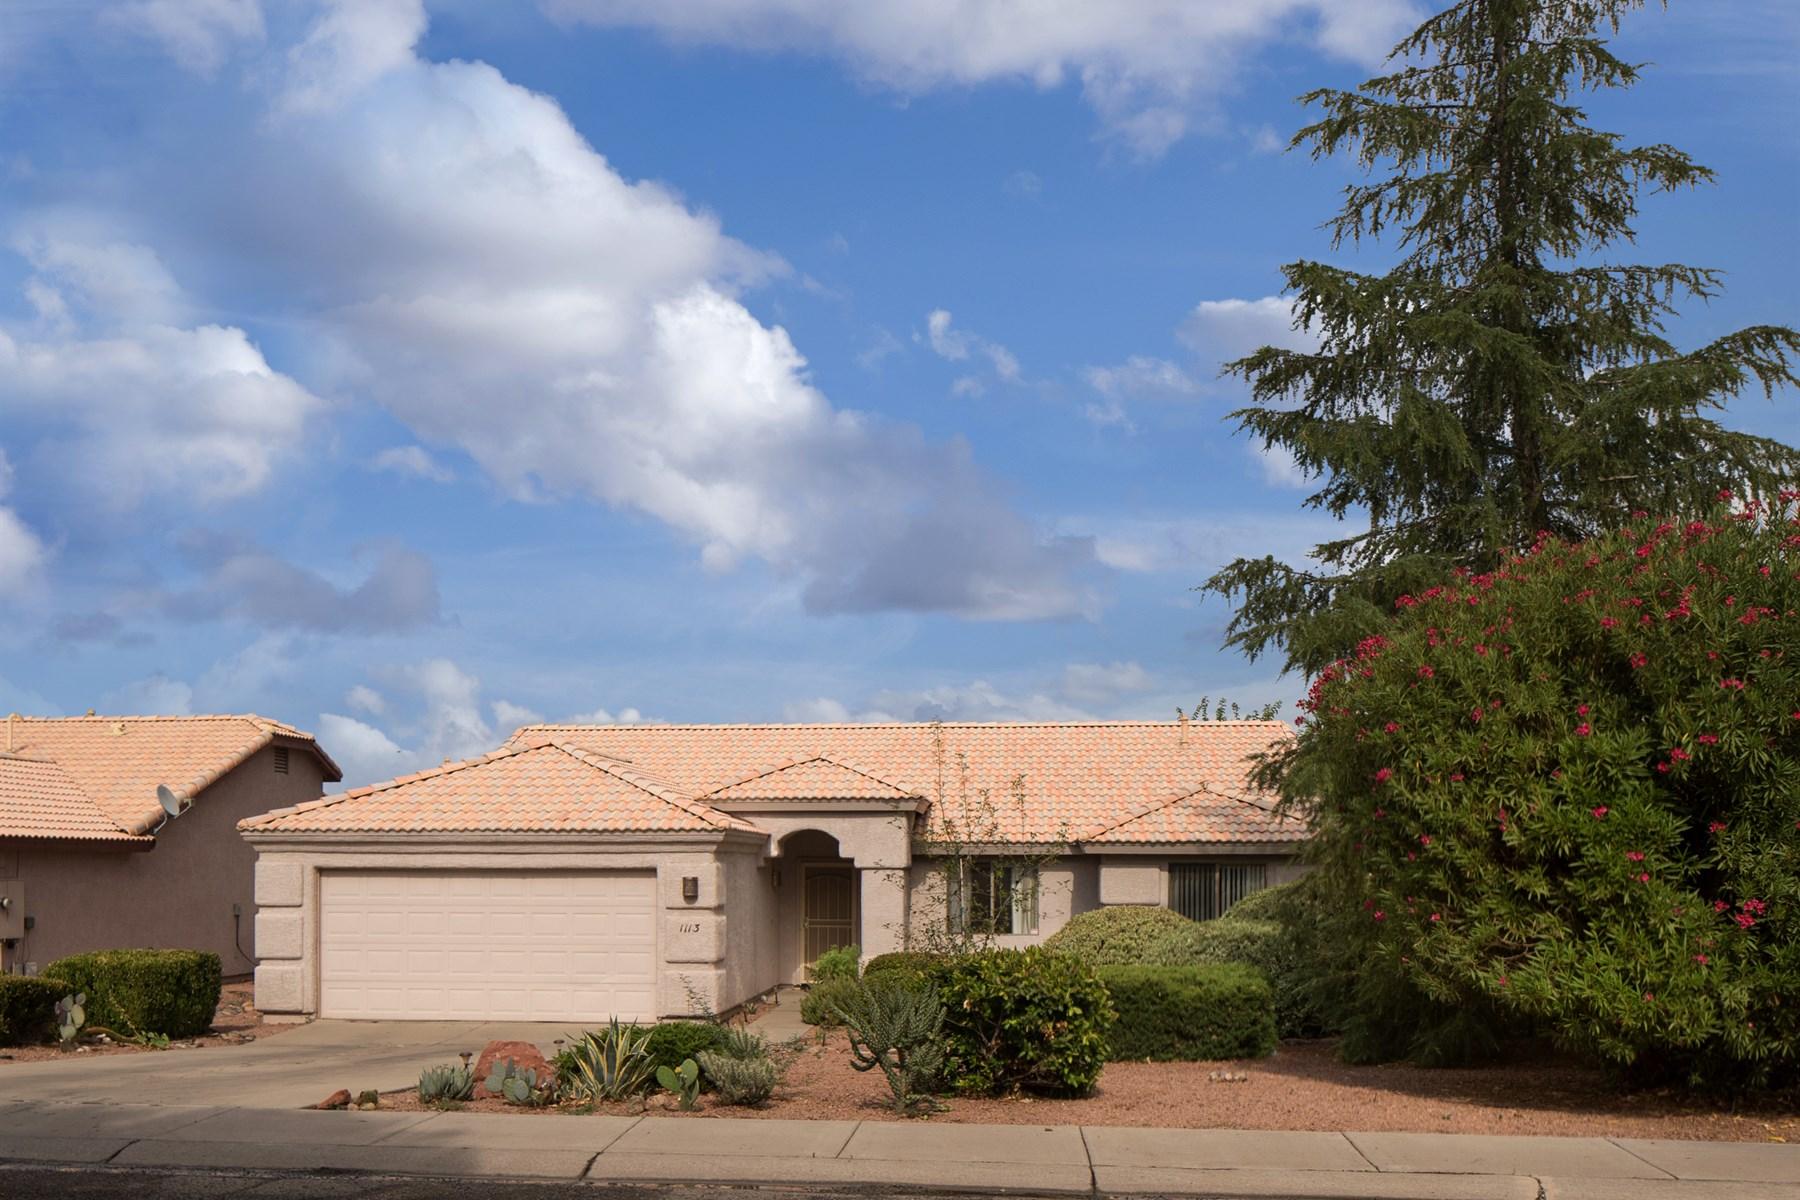 Частный односемейный дом для того Продажа на Lovely and elegant Southwest home in Vista Grande Ranch 1113 S Viejo Drive Cottonwood, Аризона, 86326 Соединенные Штаты